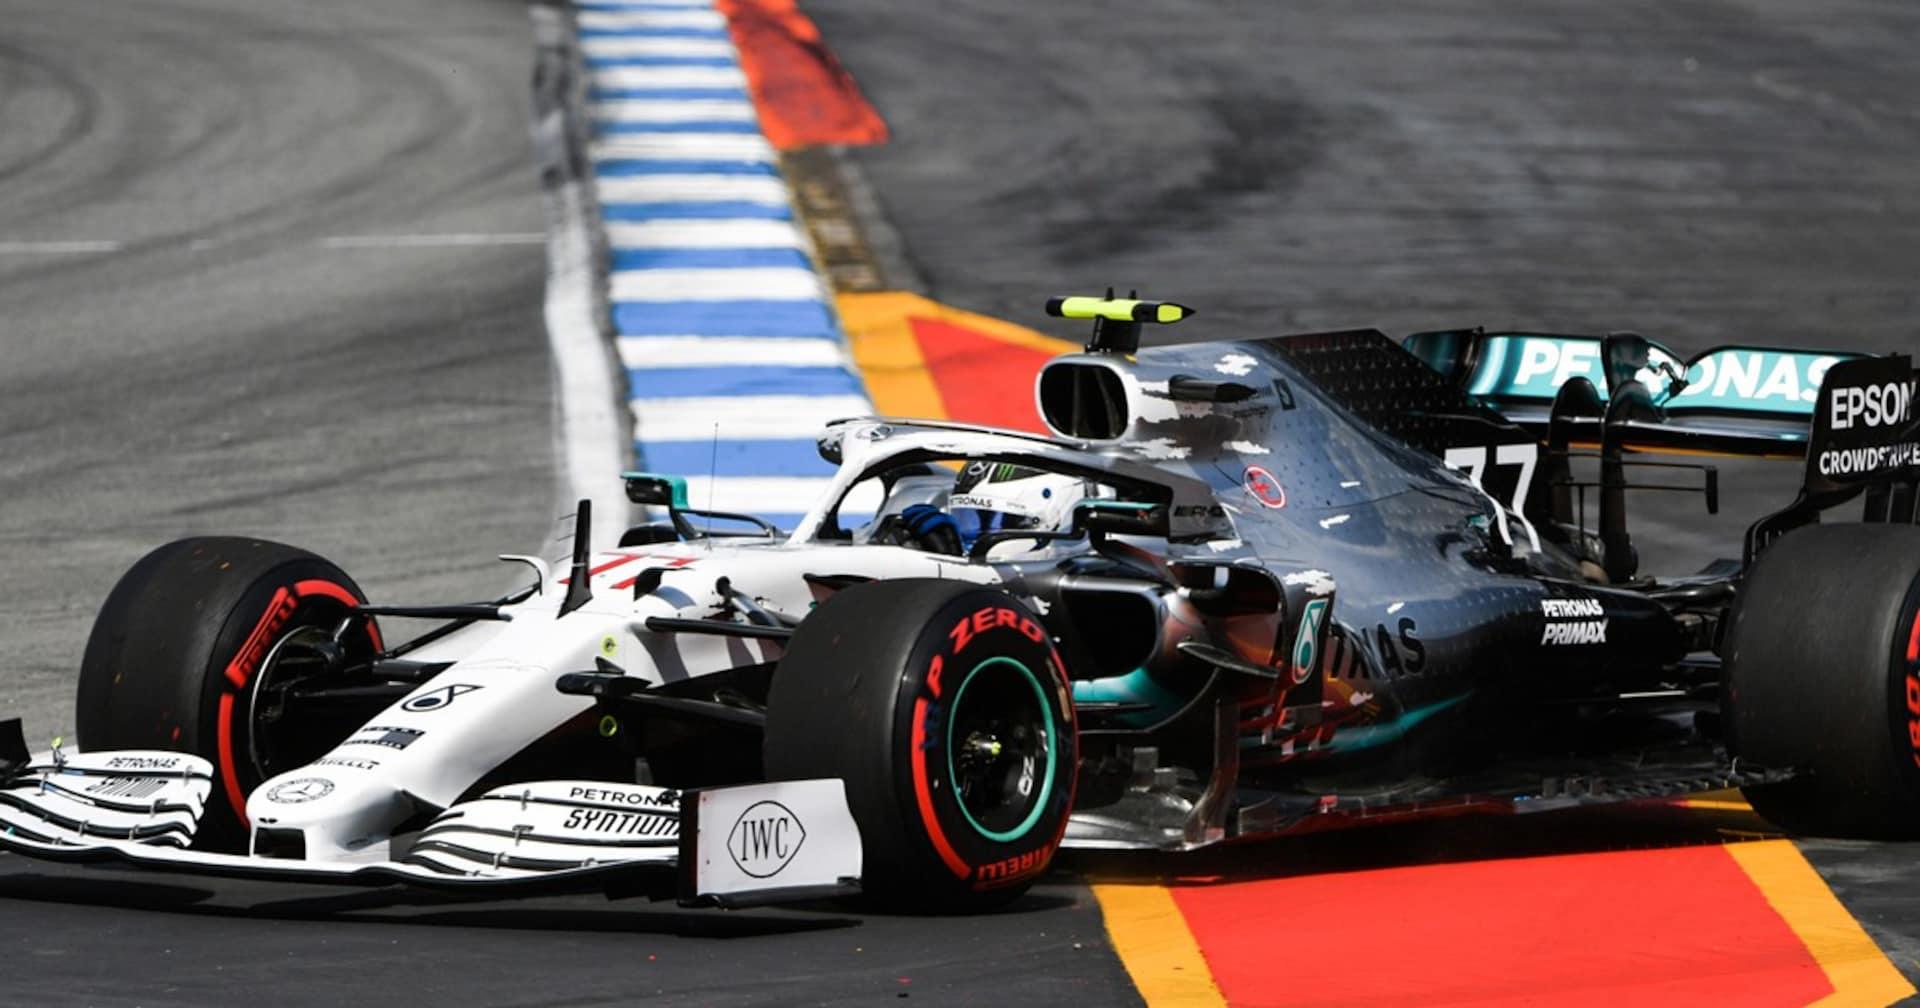 メルセデスF1が「レトロ風カラーリング」で惨敗したワケ